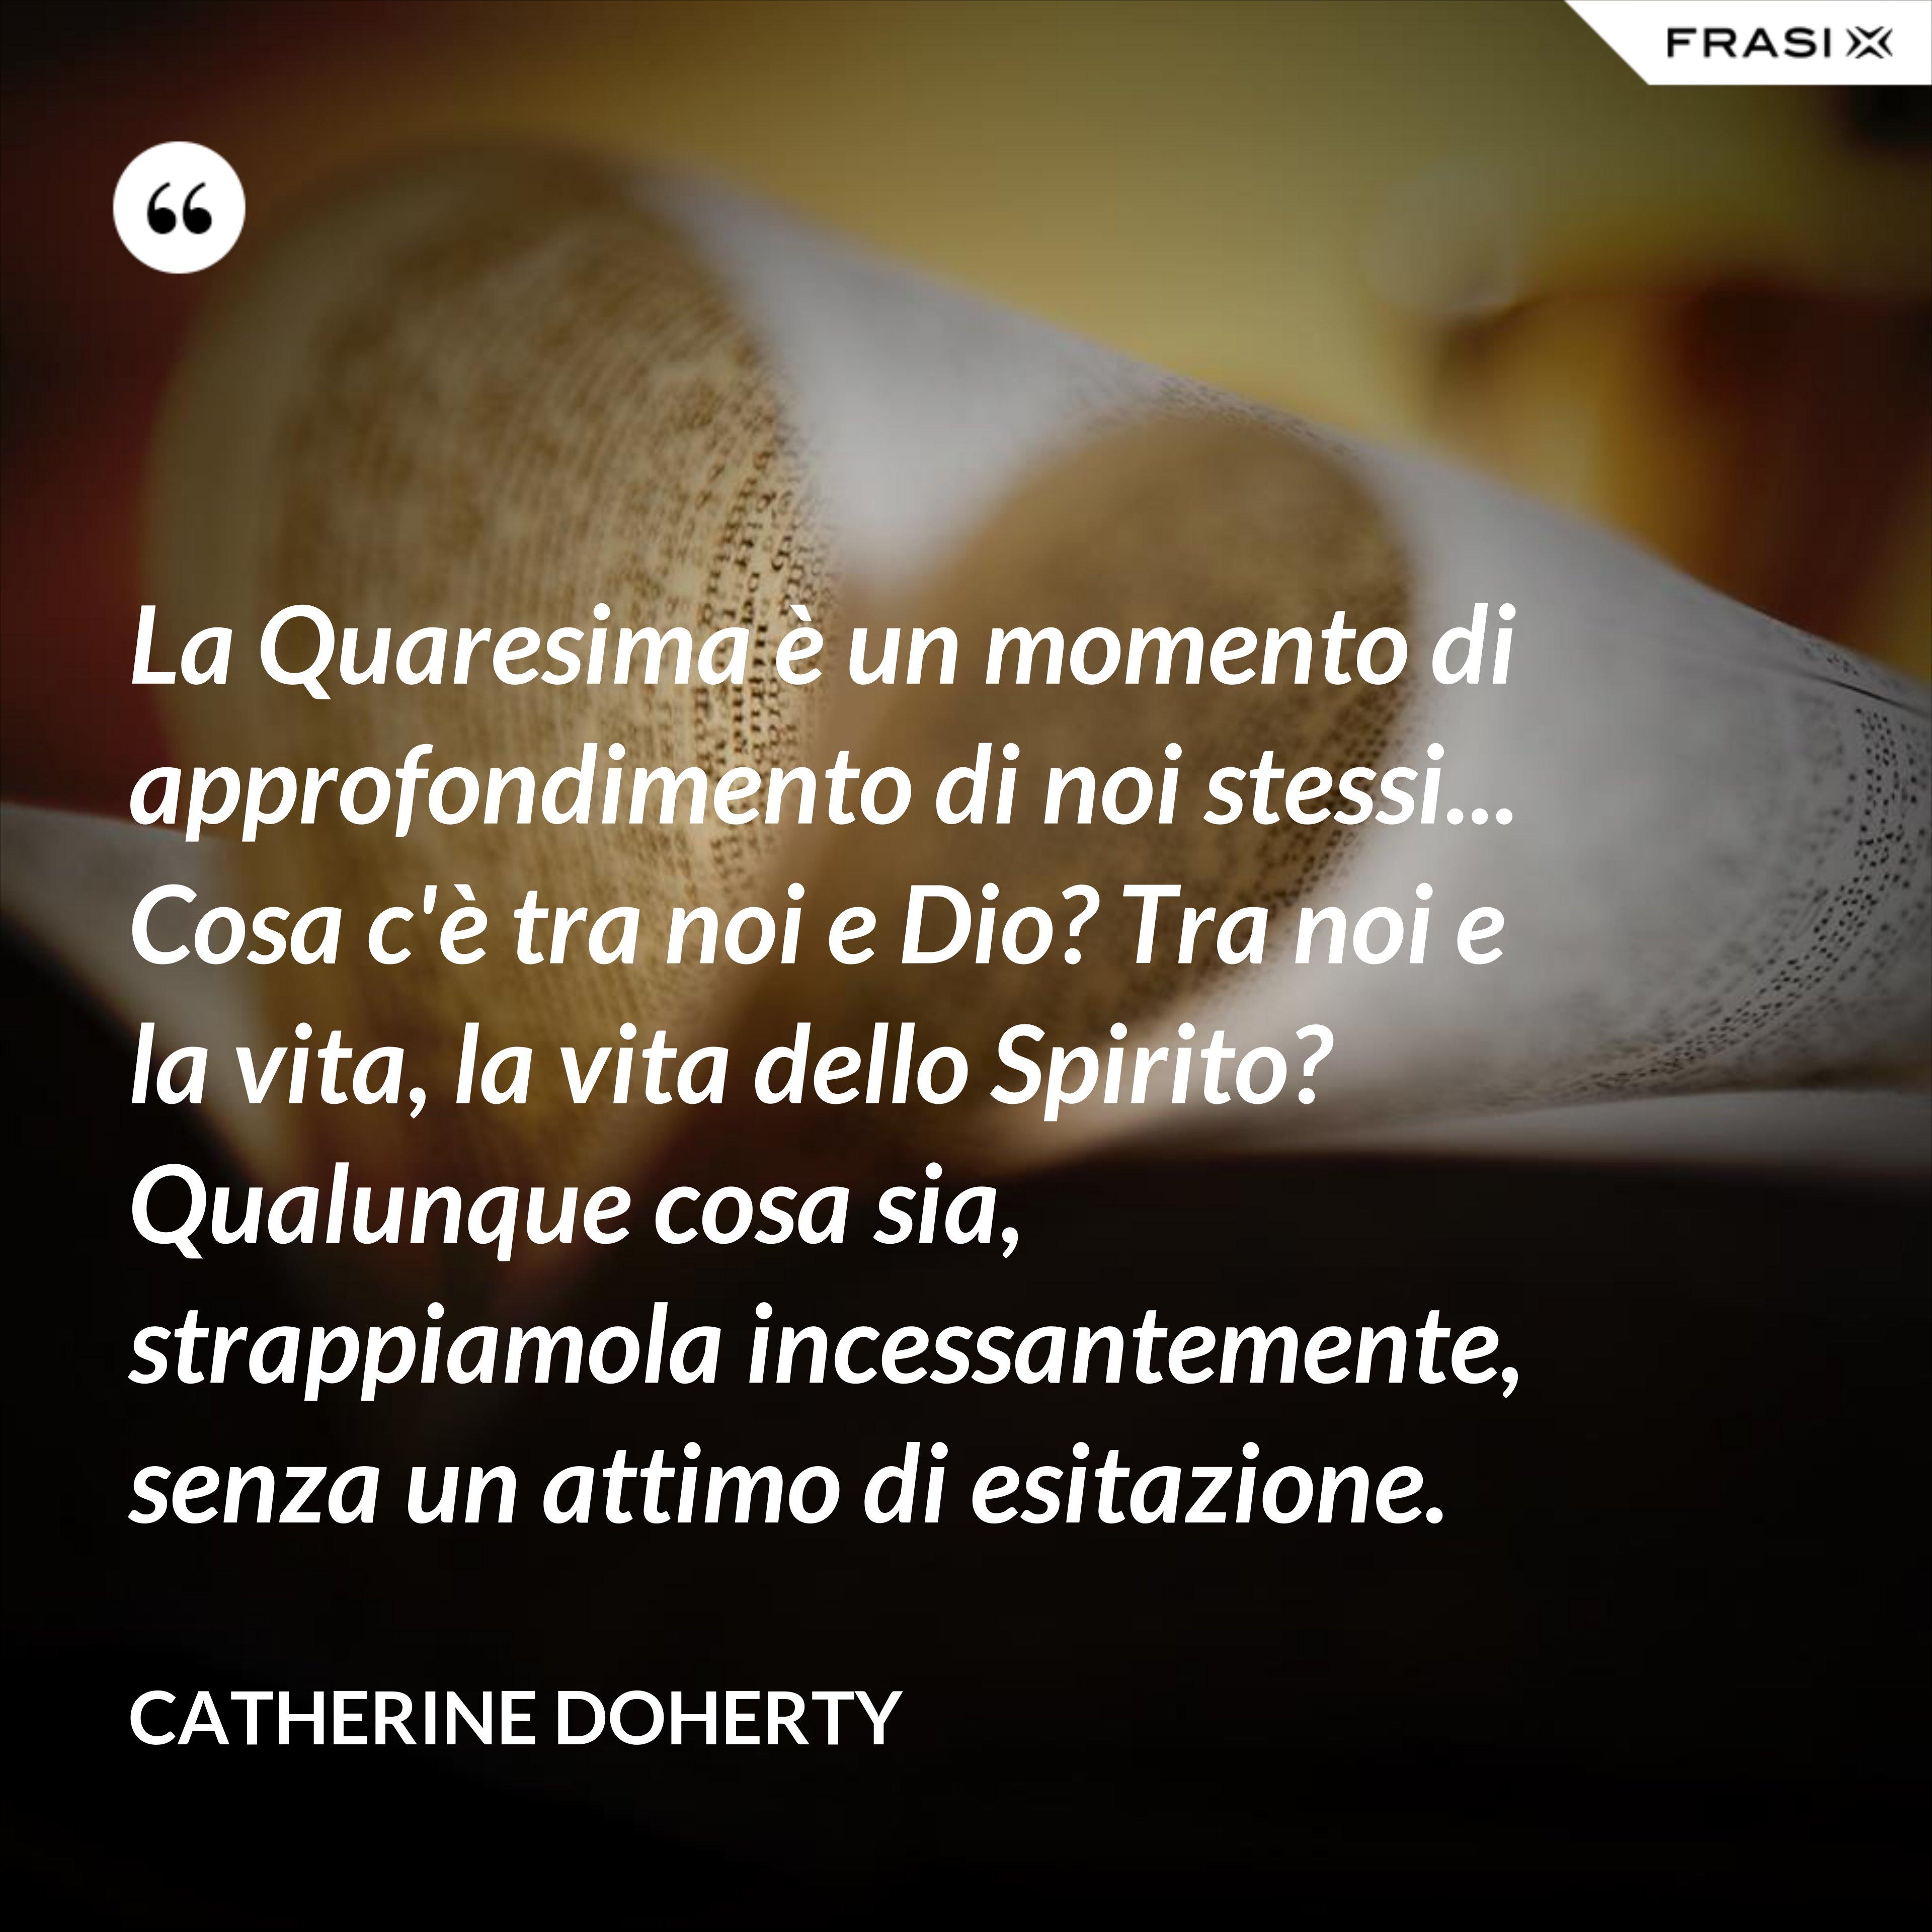 La Quaresima è un momento di approfondimento di noi stessi... Cosa c'è tra noi e Dio? Tra noi e la vita, la vita dello Spirito? Qualunque cosa sia, strappiamola incessantemente, senza un attimo di esitazione. - Catherine Doherty